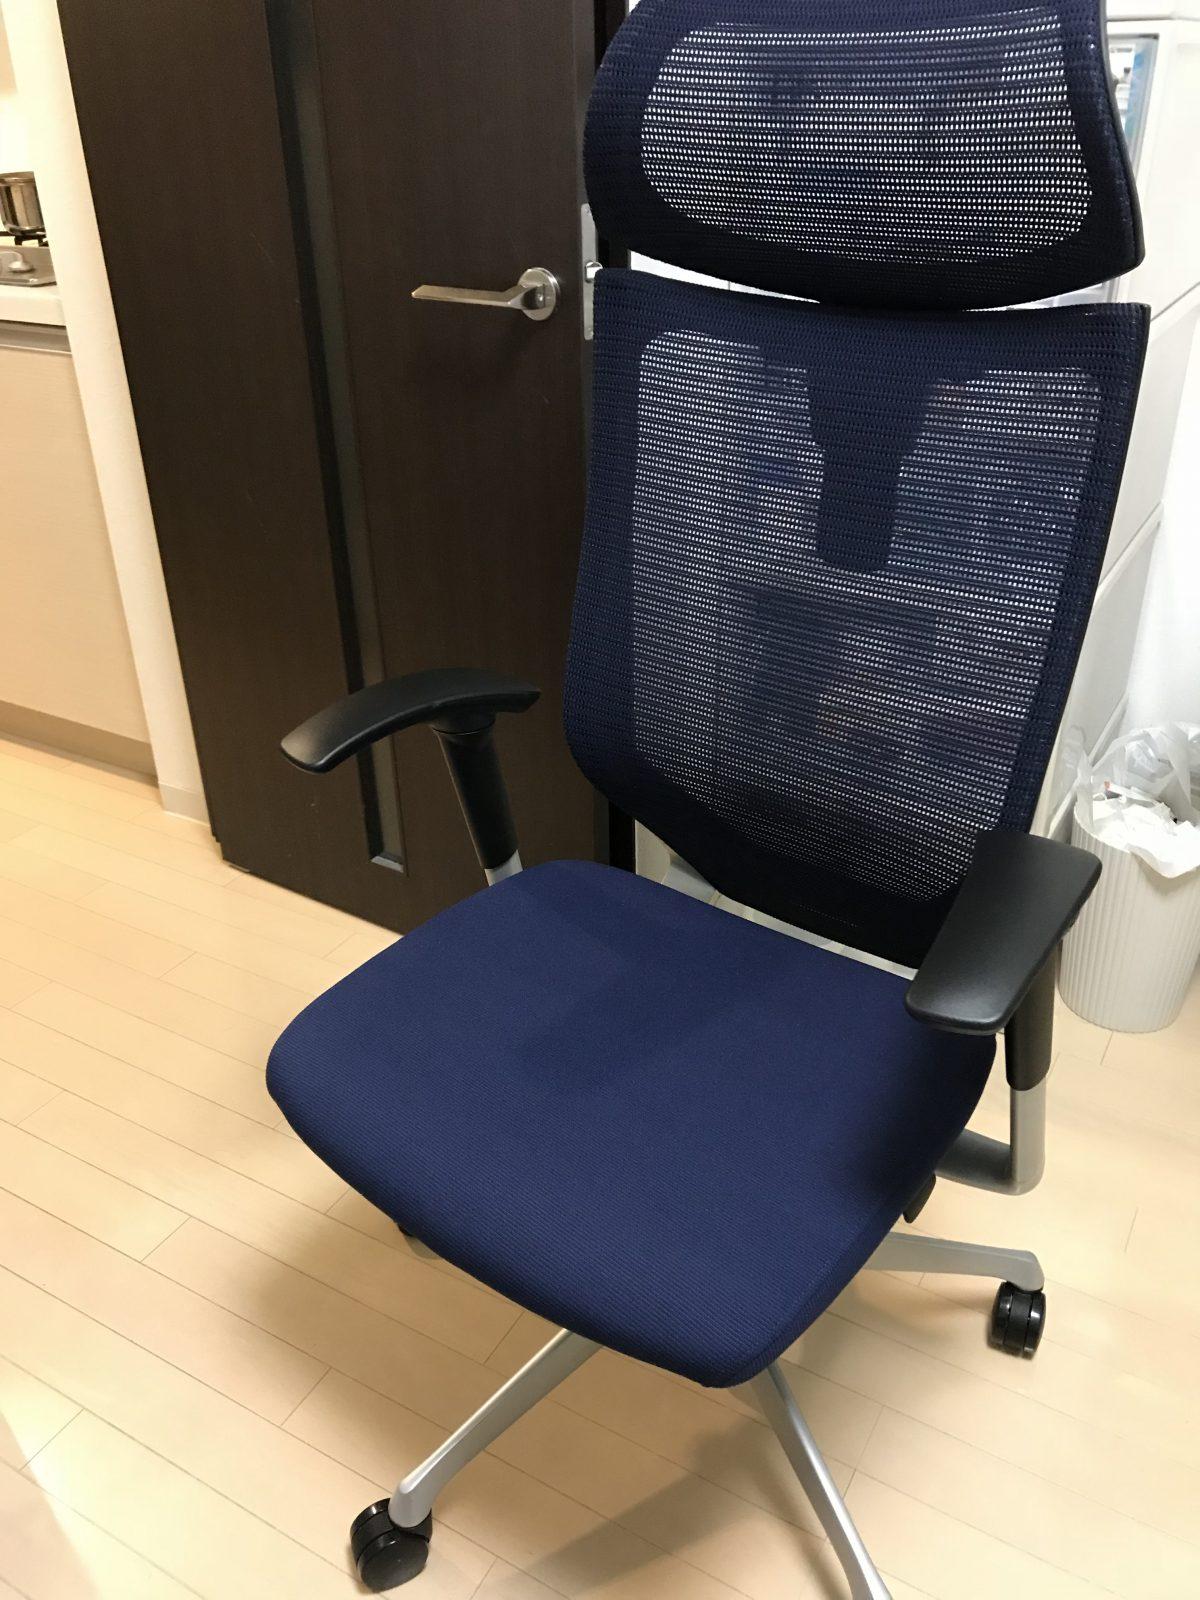 レビュー】オカムラの高級オフィスチェア「バロンチェア」は首こり・腰痛